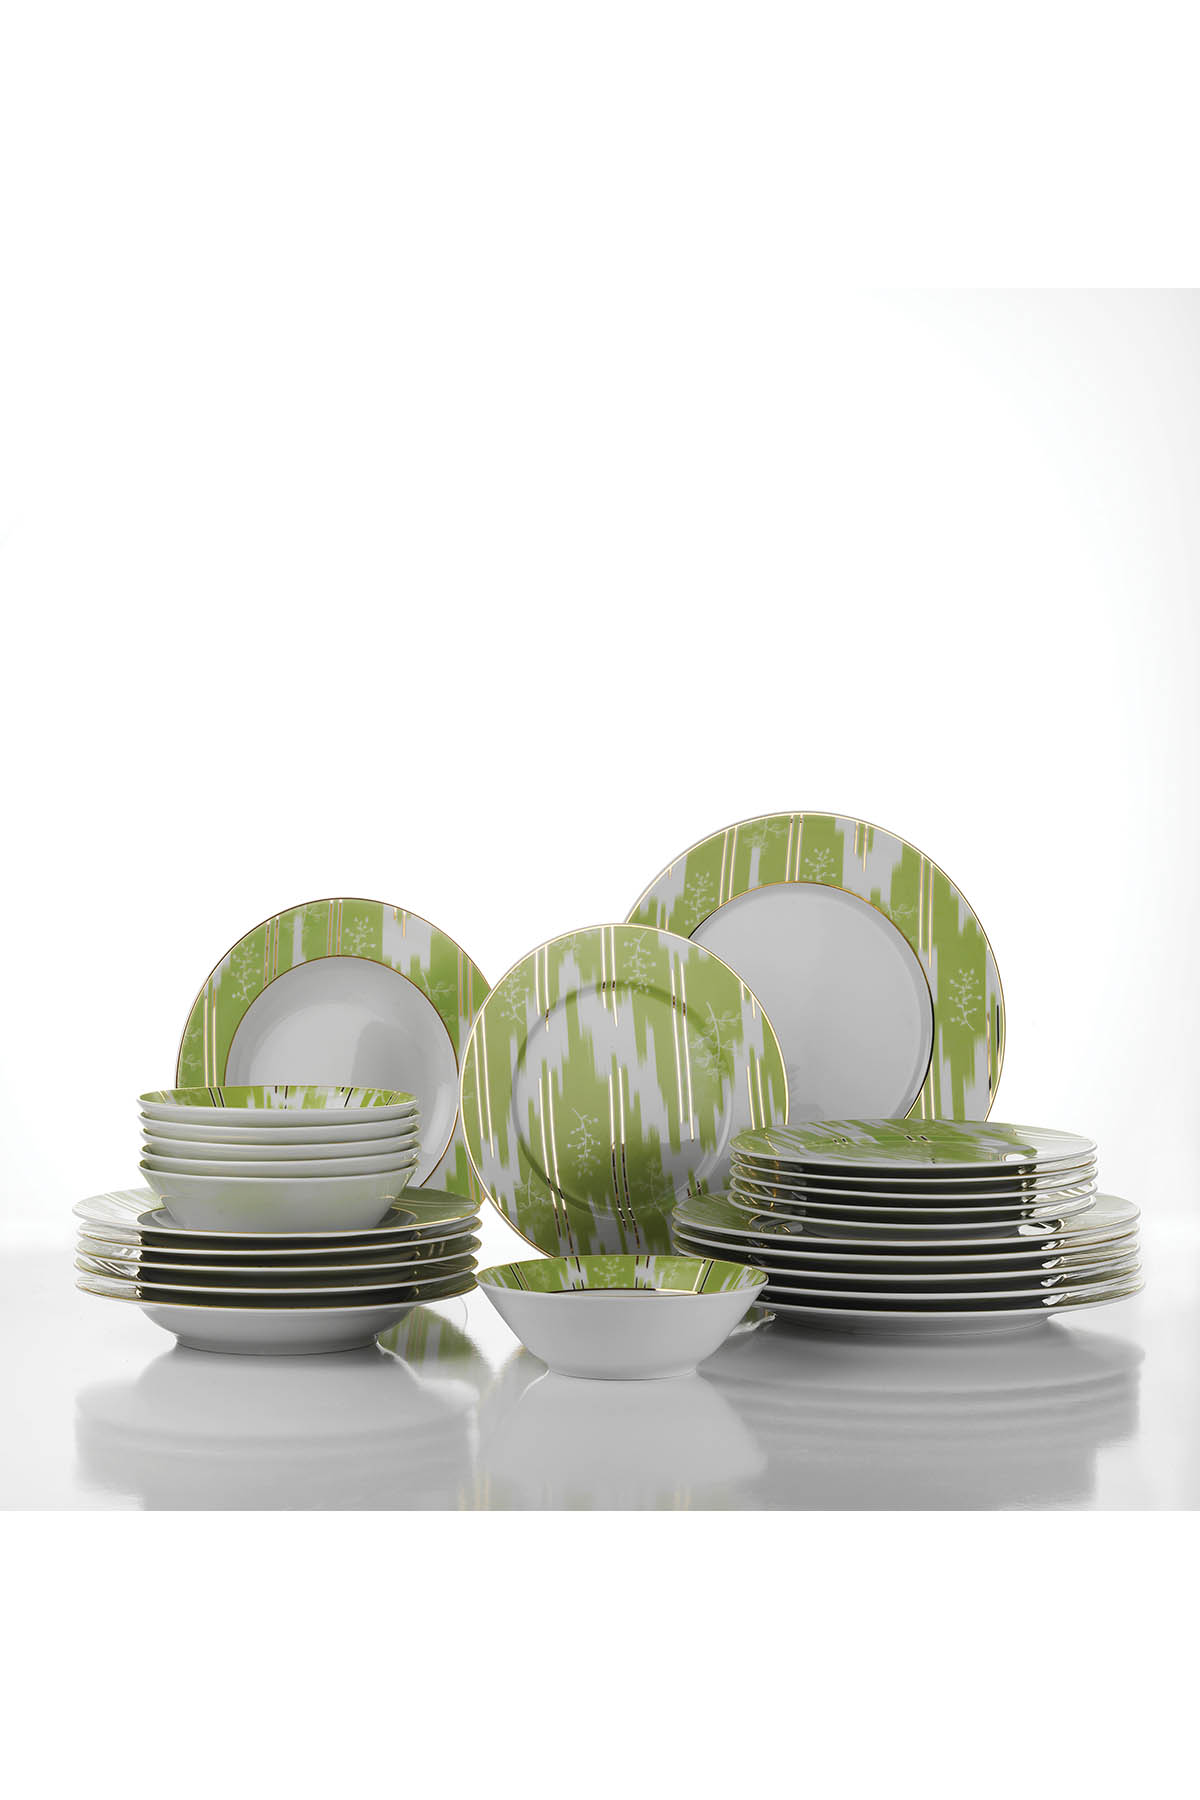 Leonberg 24 Prc Yemek Seti Yeşil Renk 105633